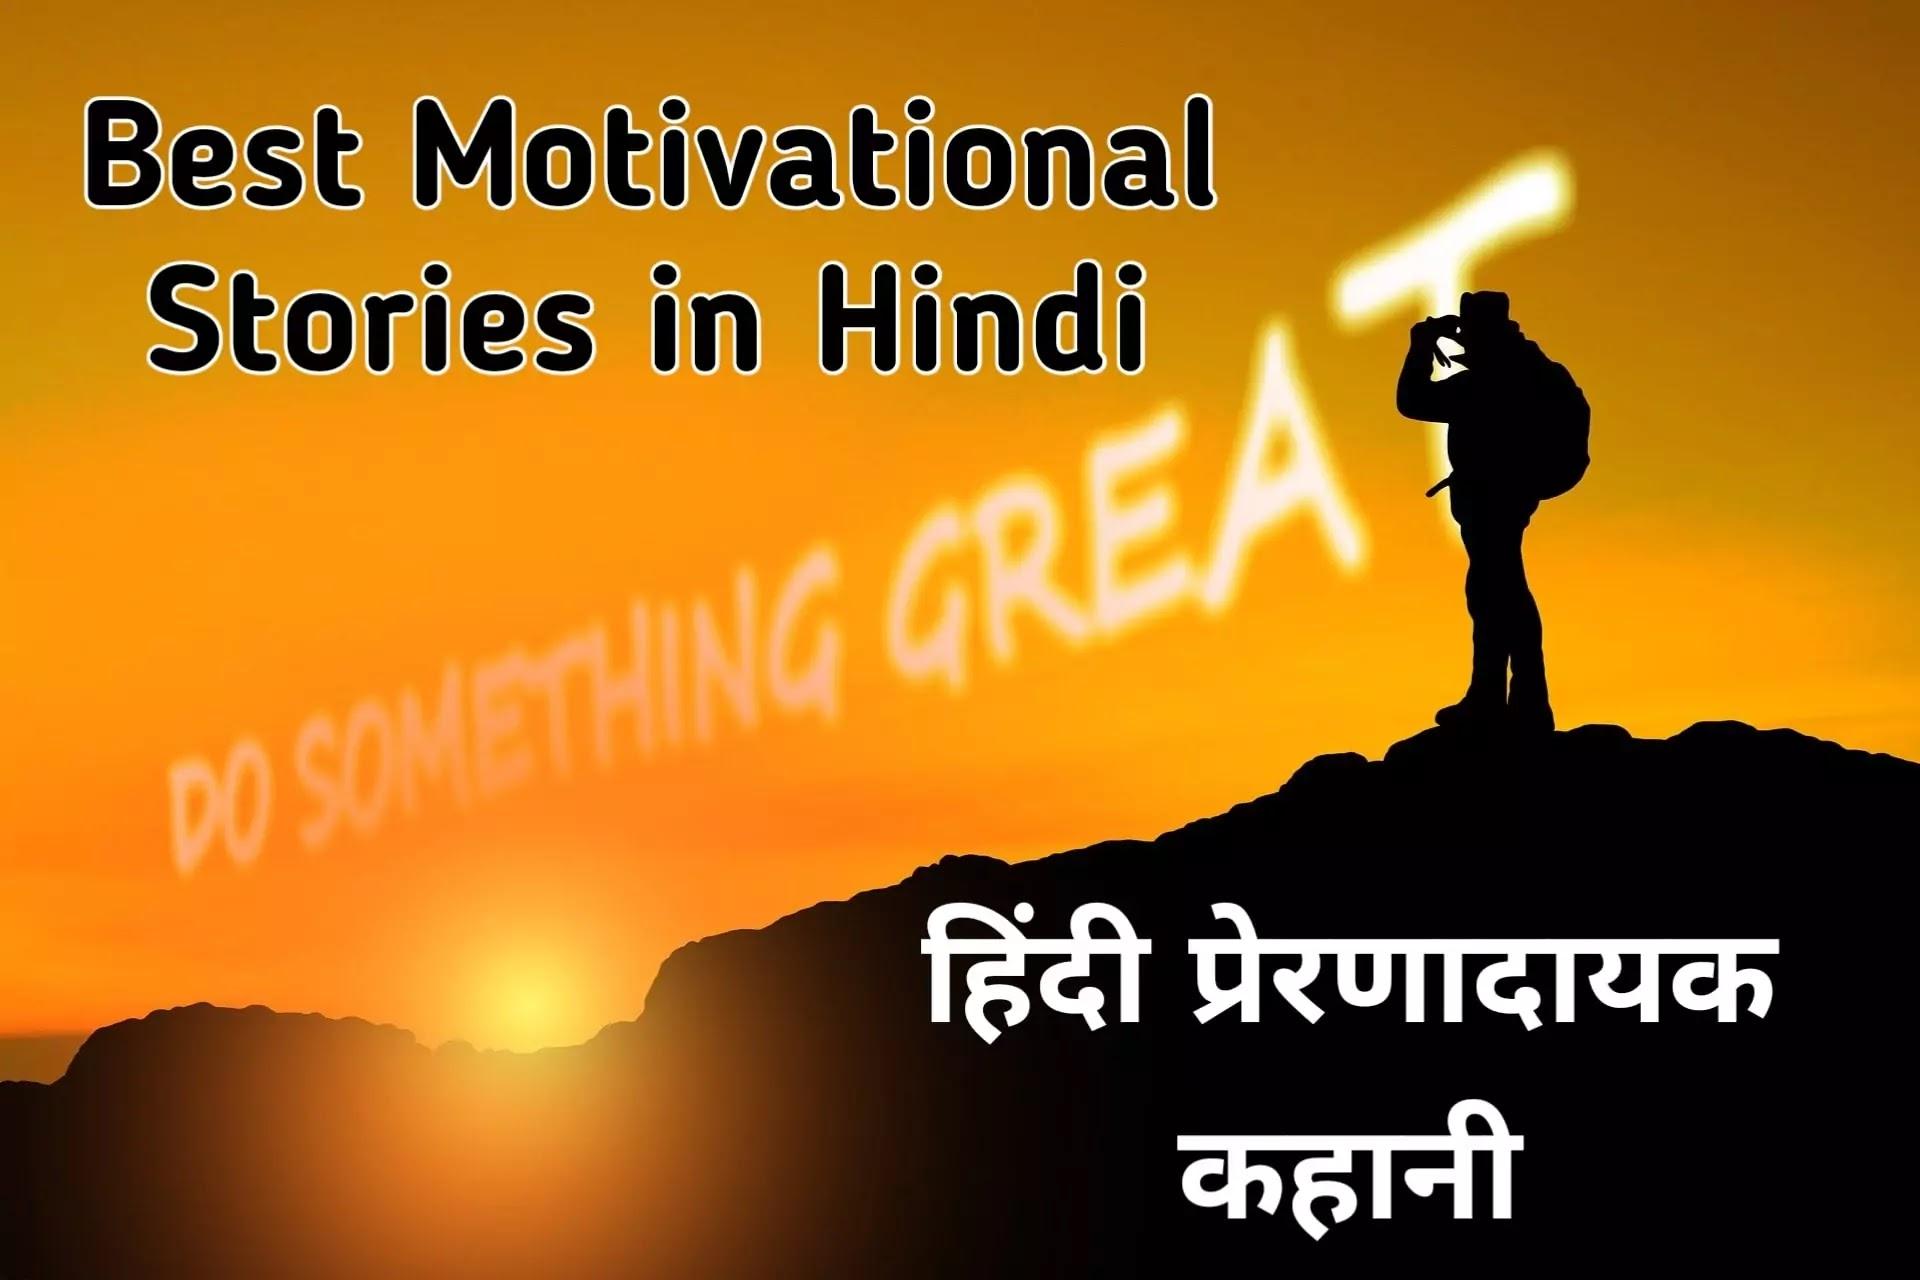 जिंदगी बदल देंगी ये कहानियाँ | 3+ Best Motivational Stories in Hindi